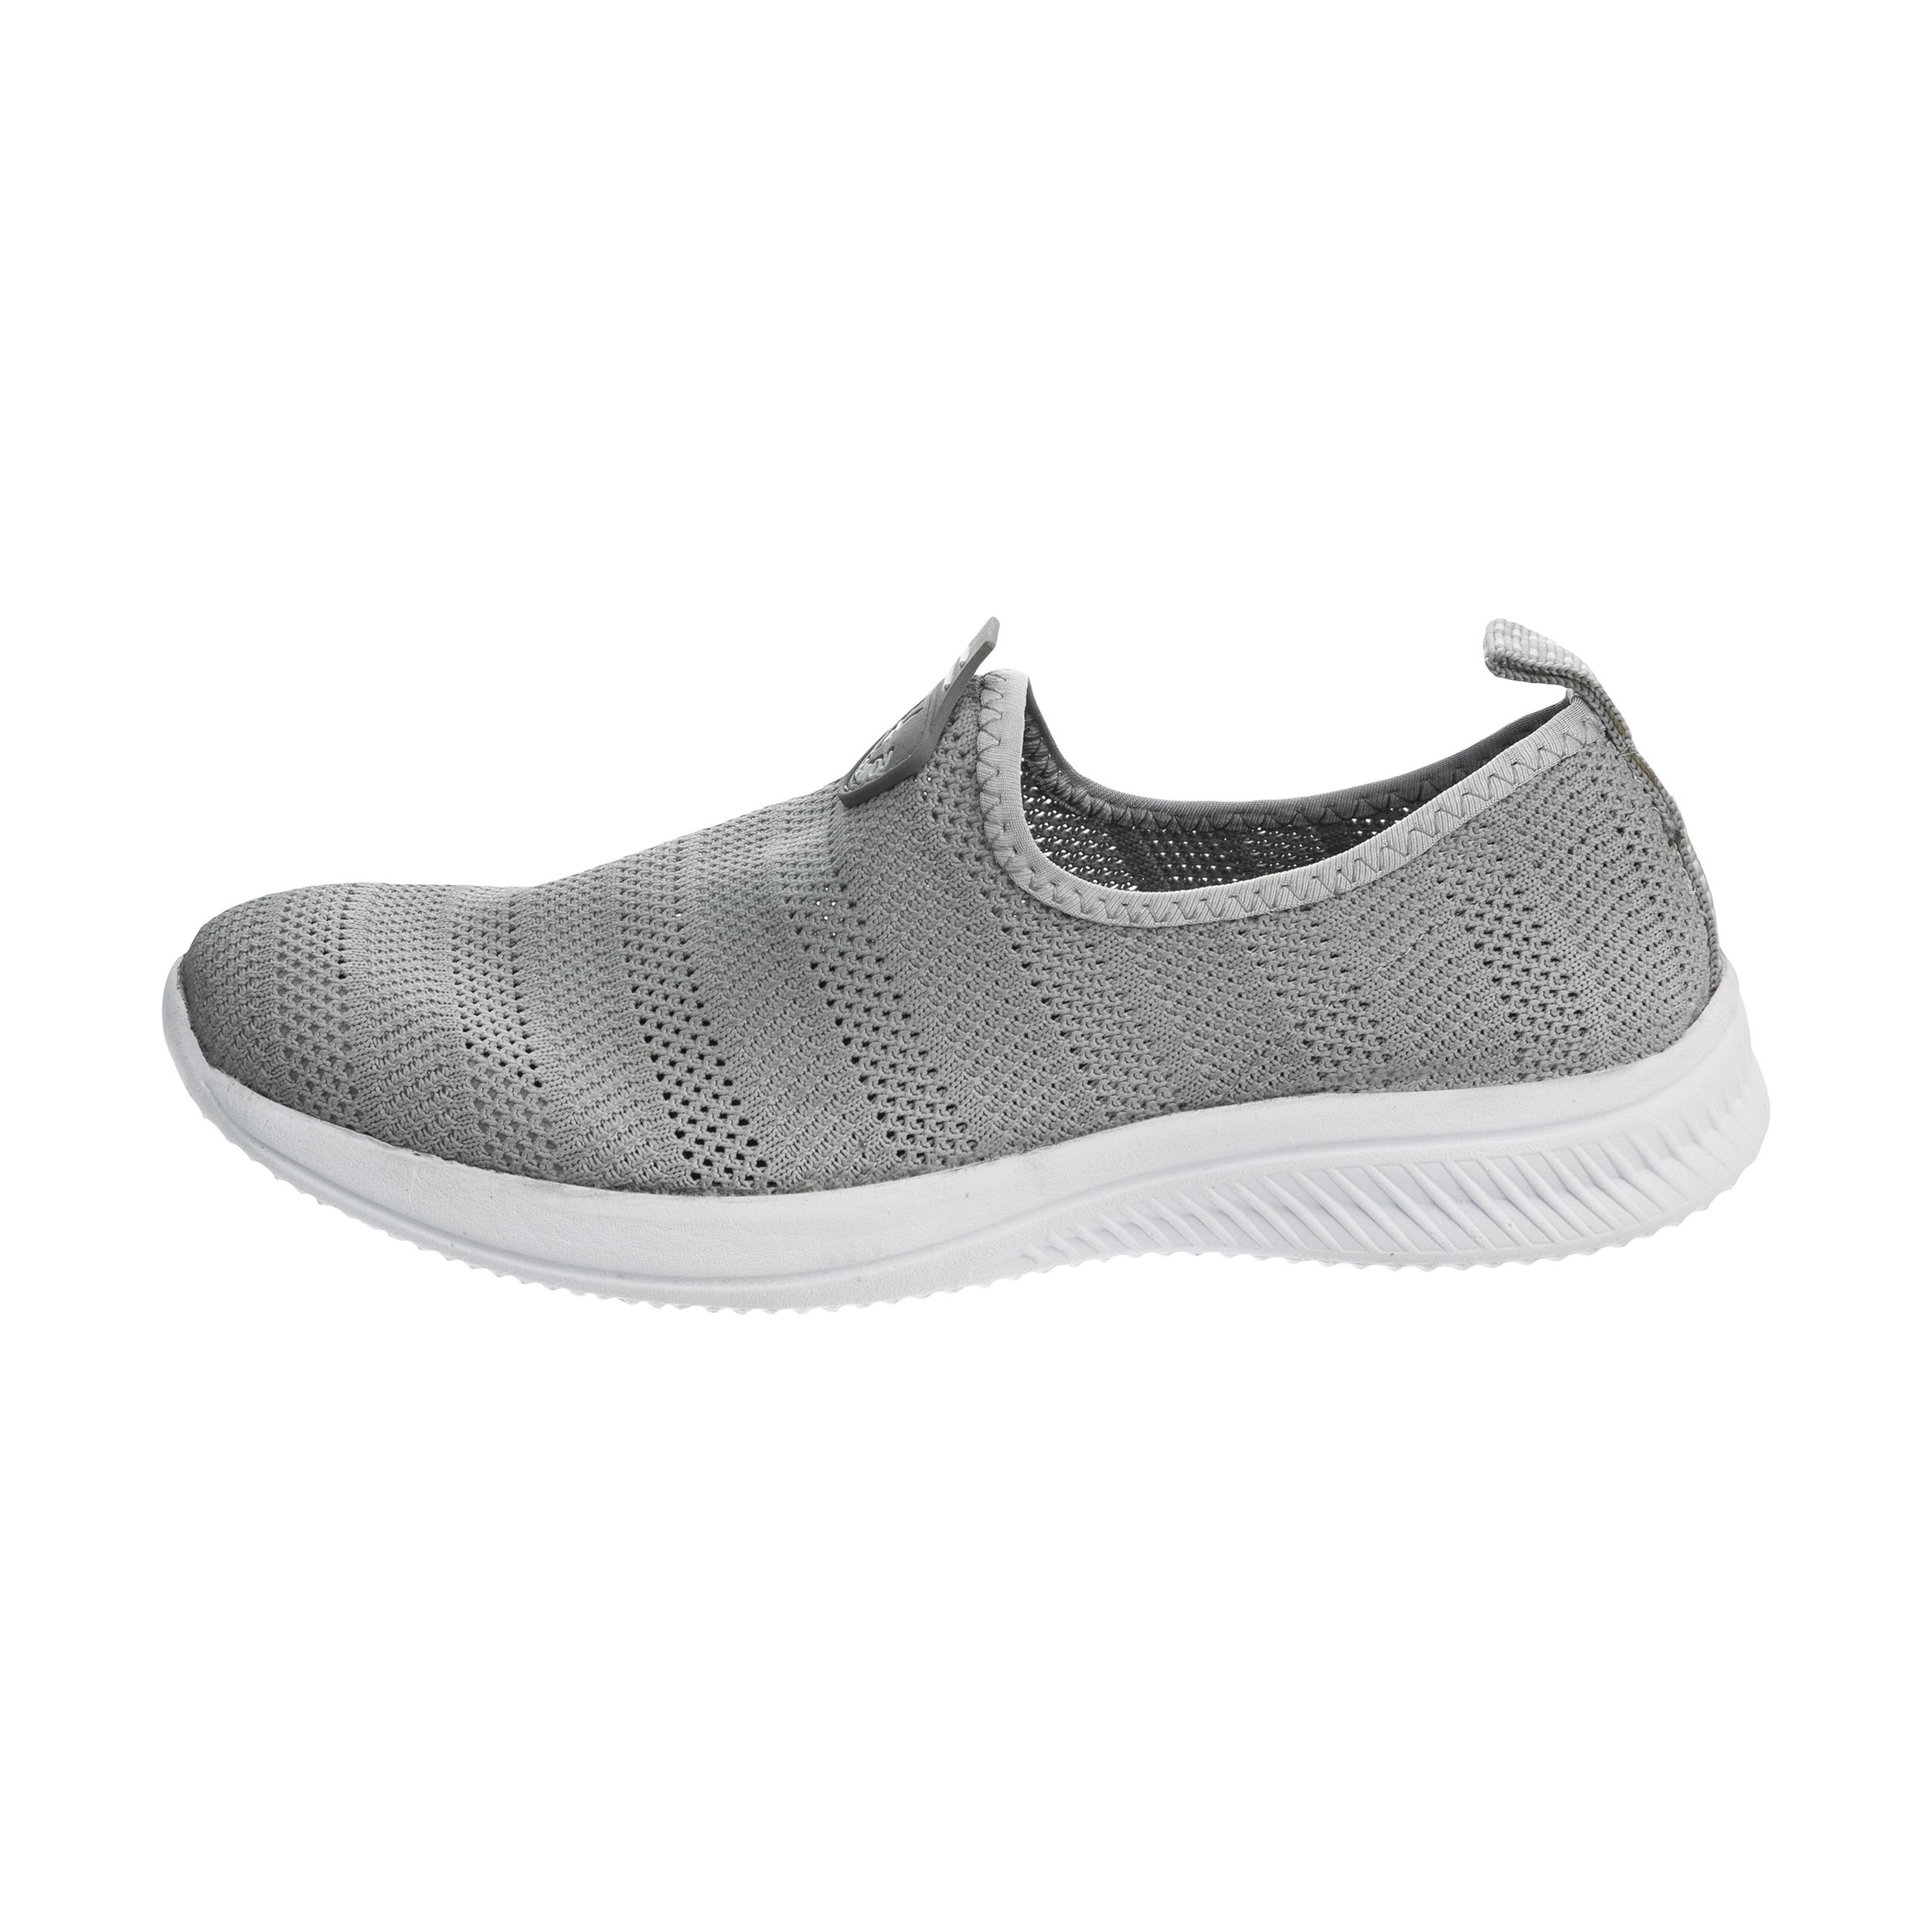 کفش مخصوص پیاده روی زنانه مل اند موژ کد W1100-101